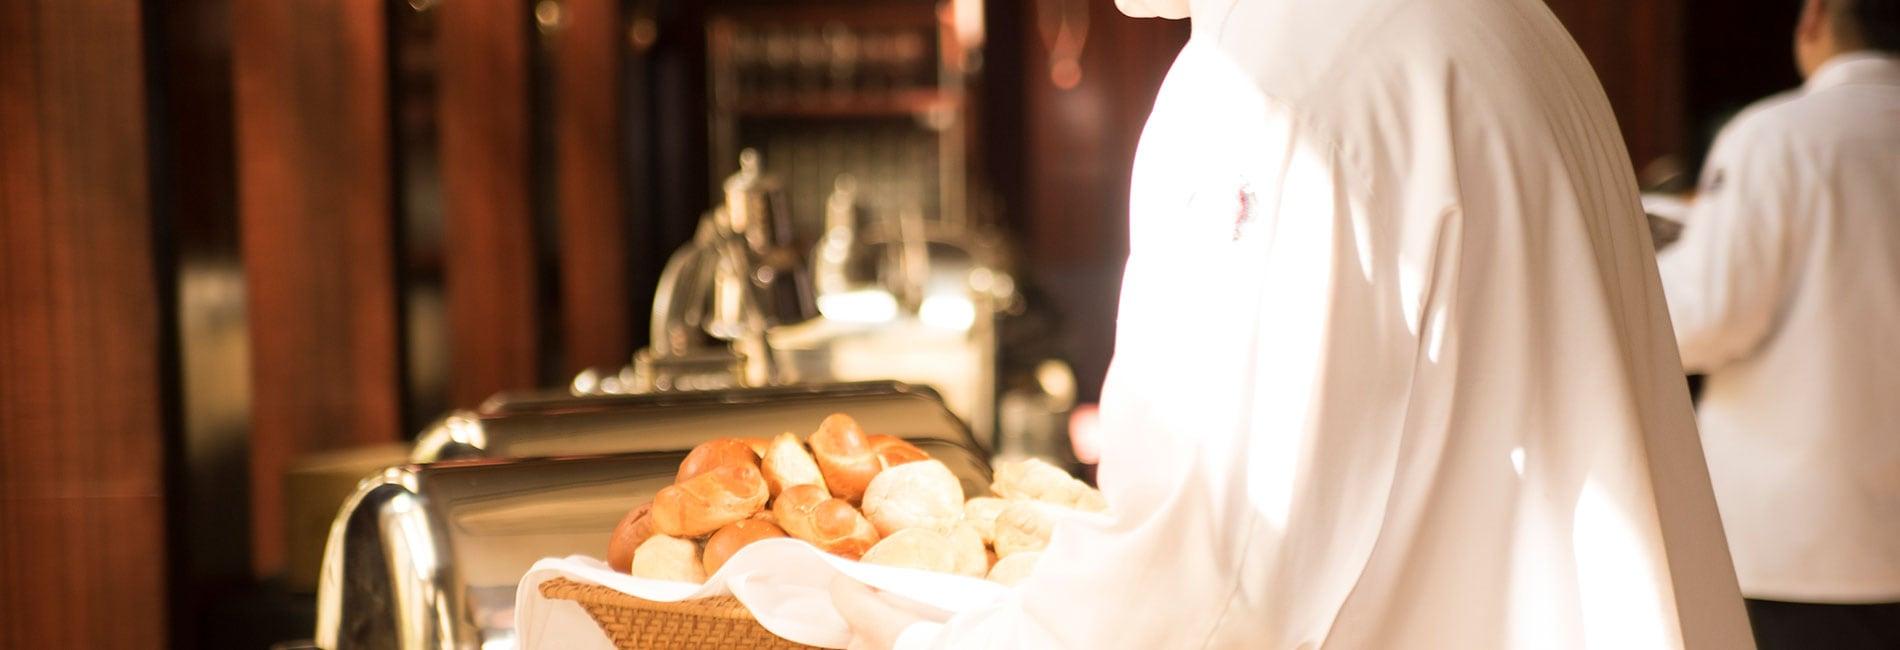 Gesti n en restauraci n dise o en el proceso de servicio hotr042po ecotur - Curso cocina valencia ...